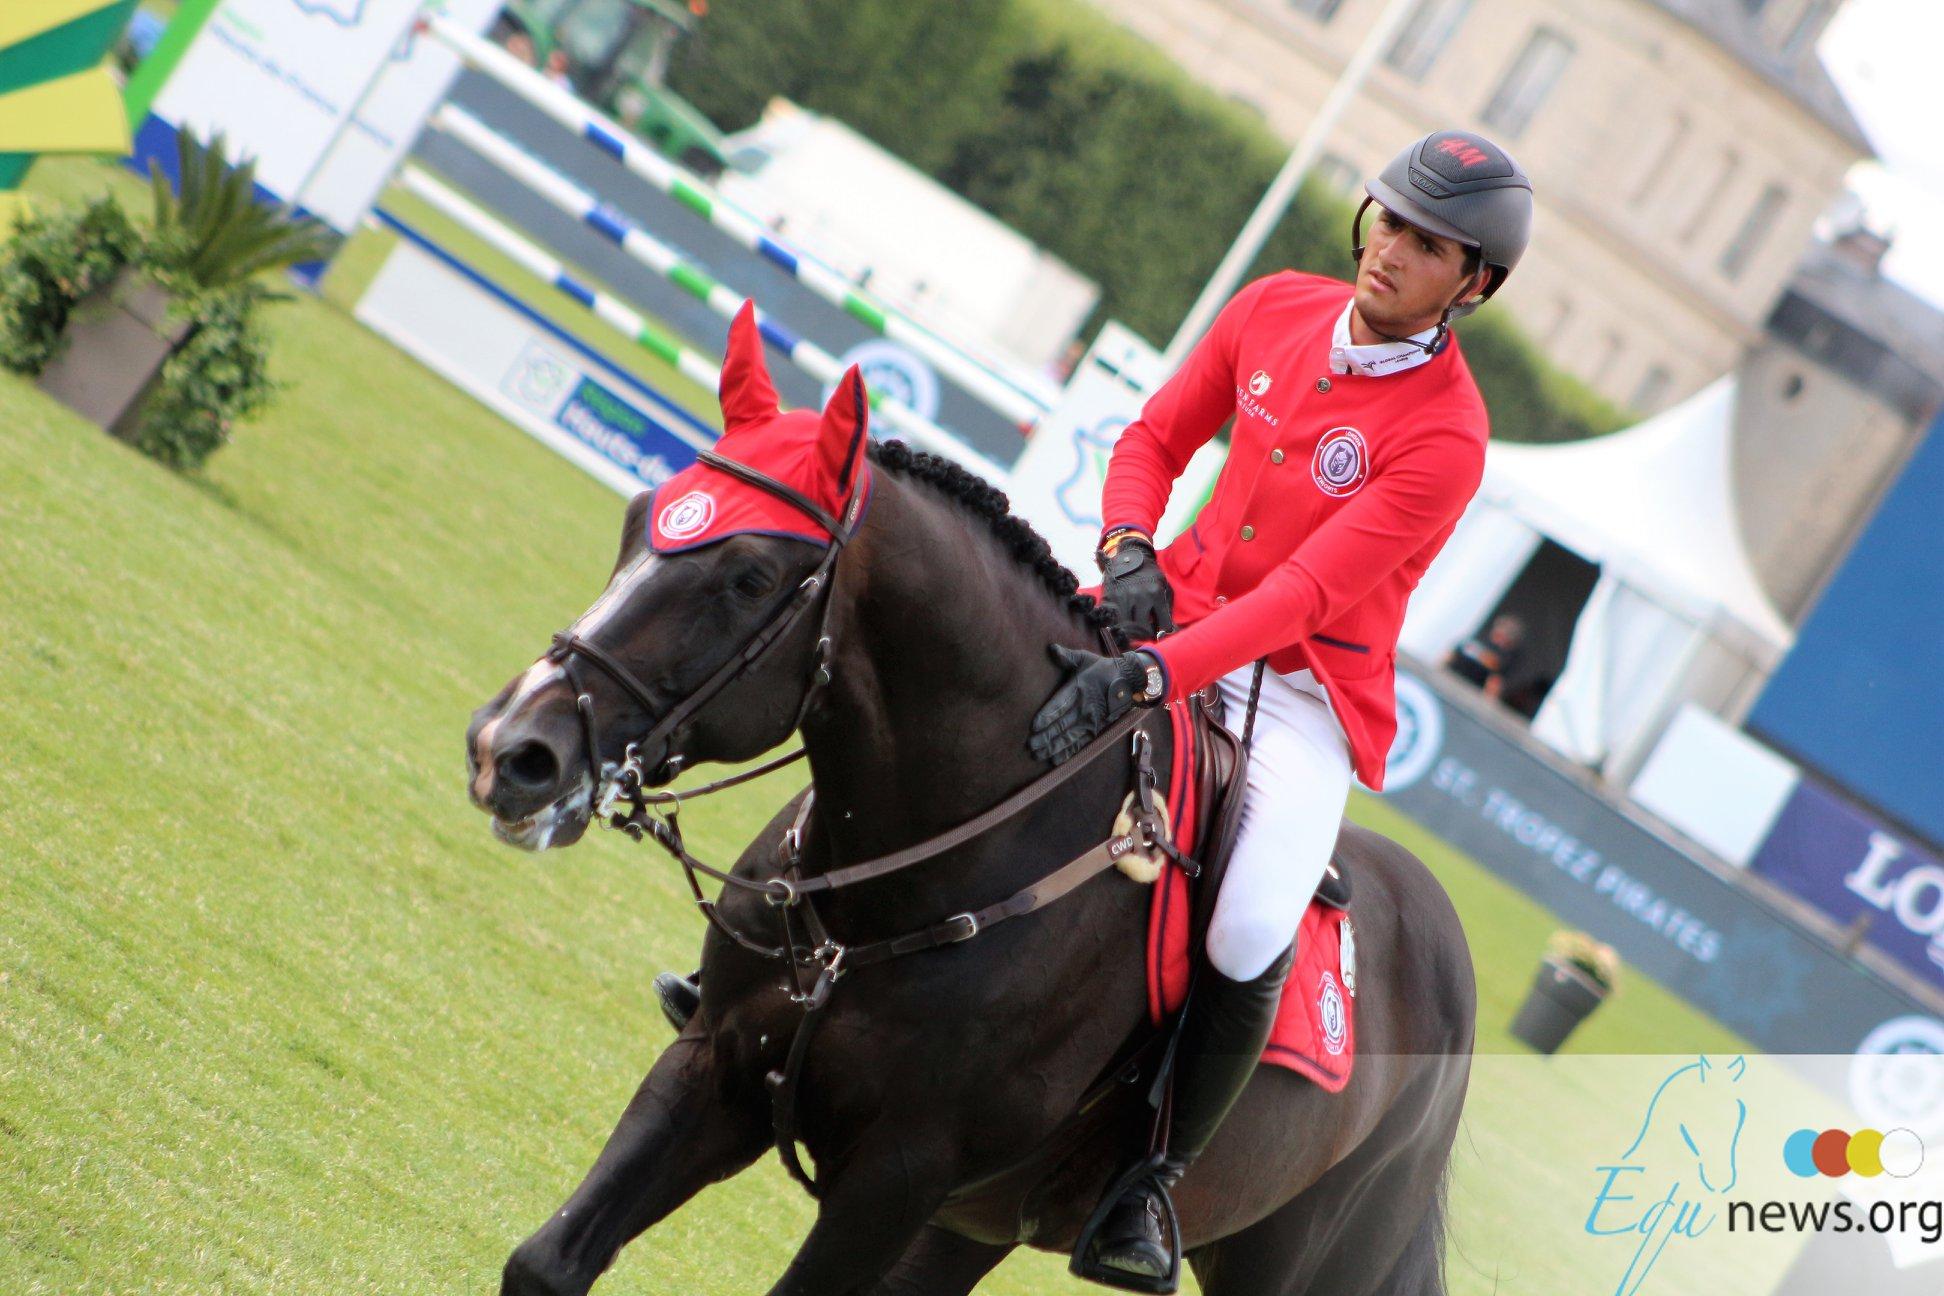 Pas de Global Champions Tour à Chantilly l'année prochaine